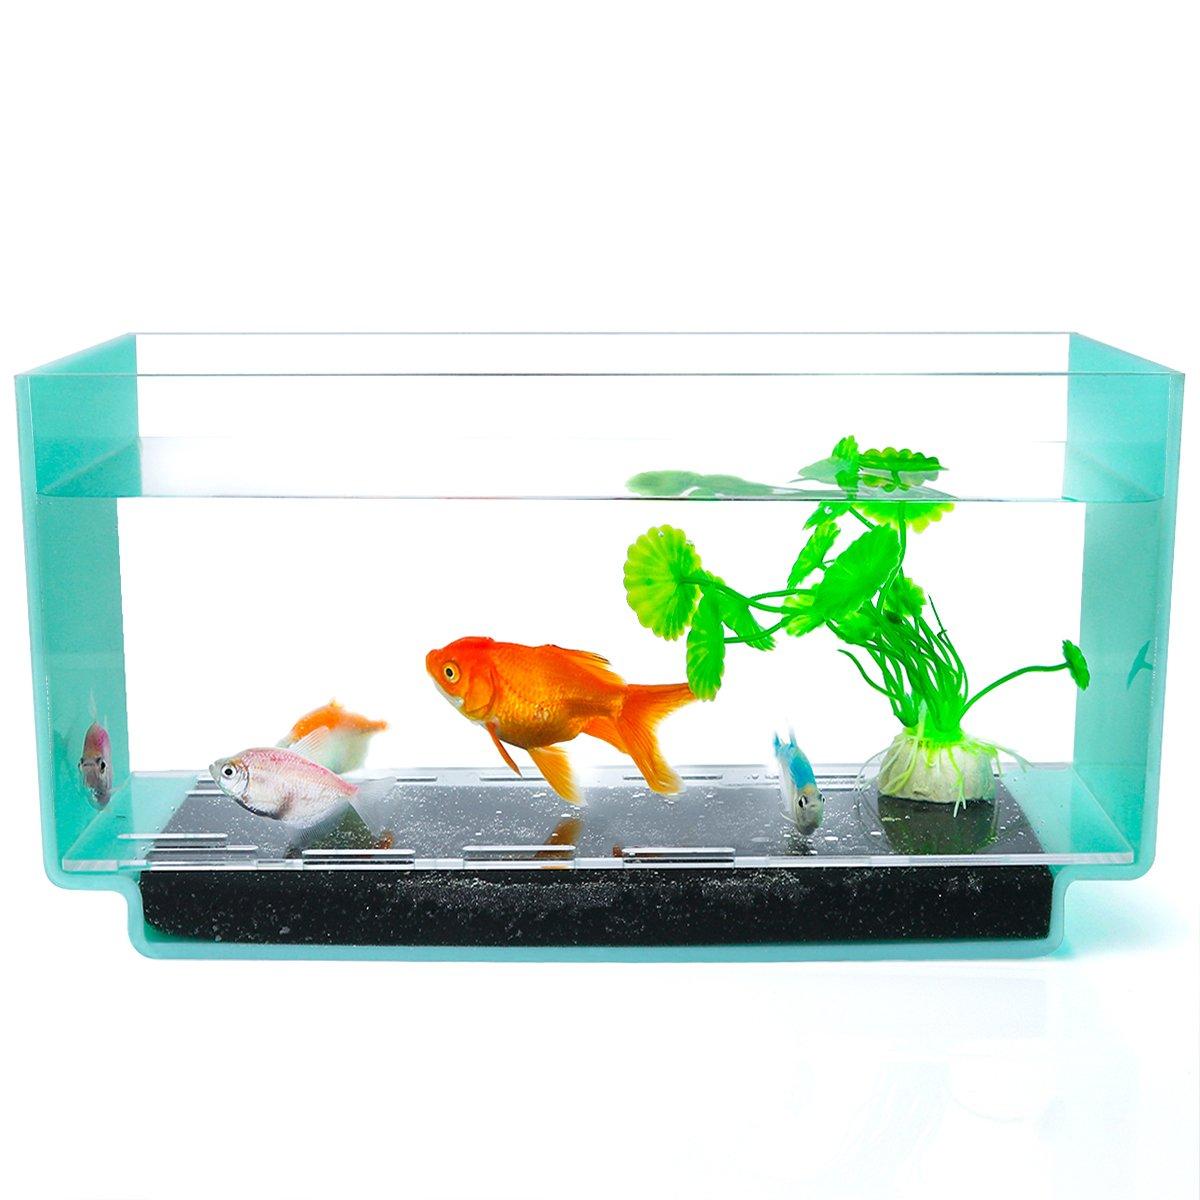 Amazon.com : 1.3 Gallon Fish Tank, Betta Aquarium Fish, Clear Fish ...